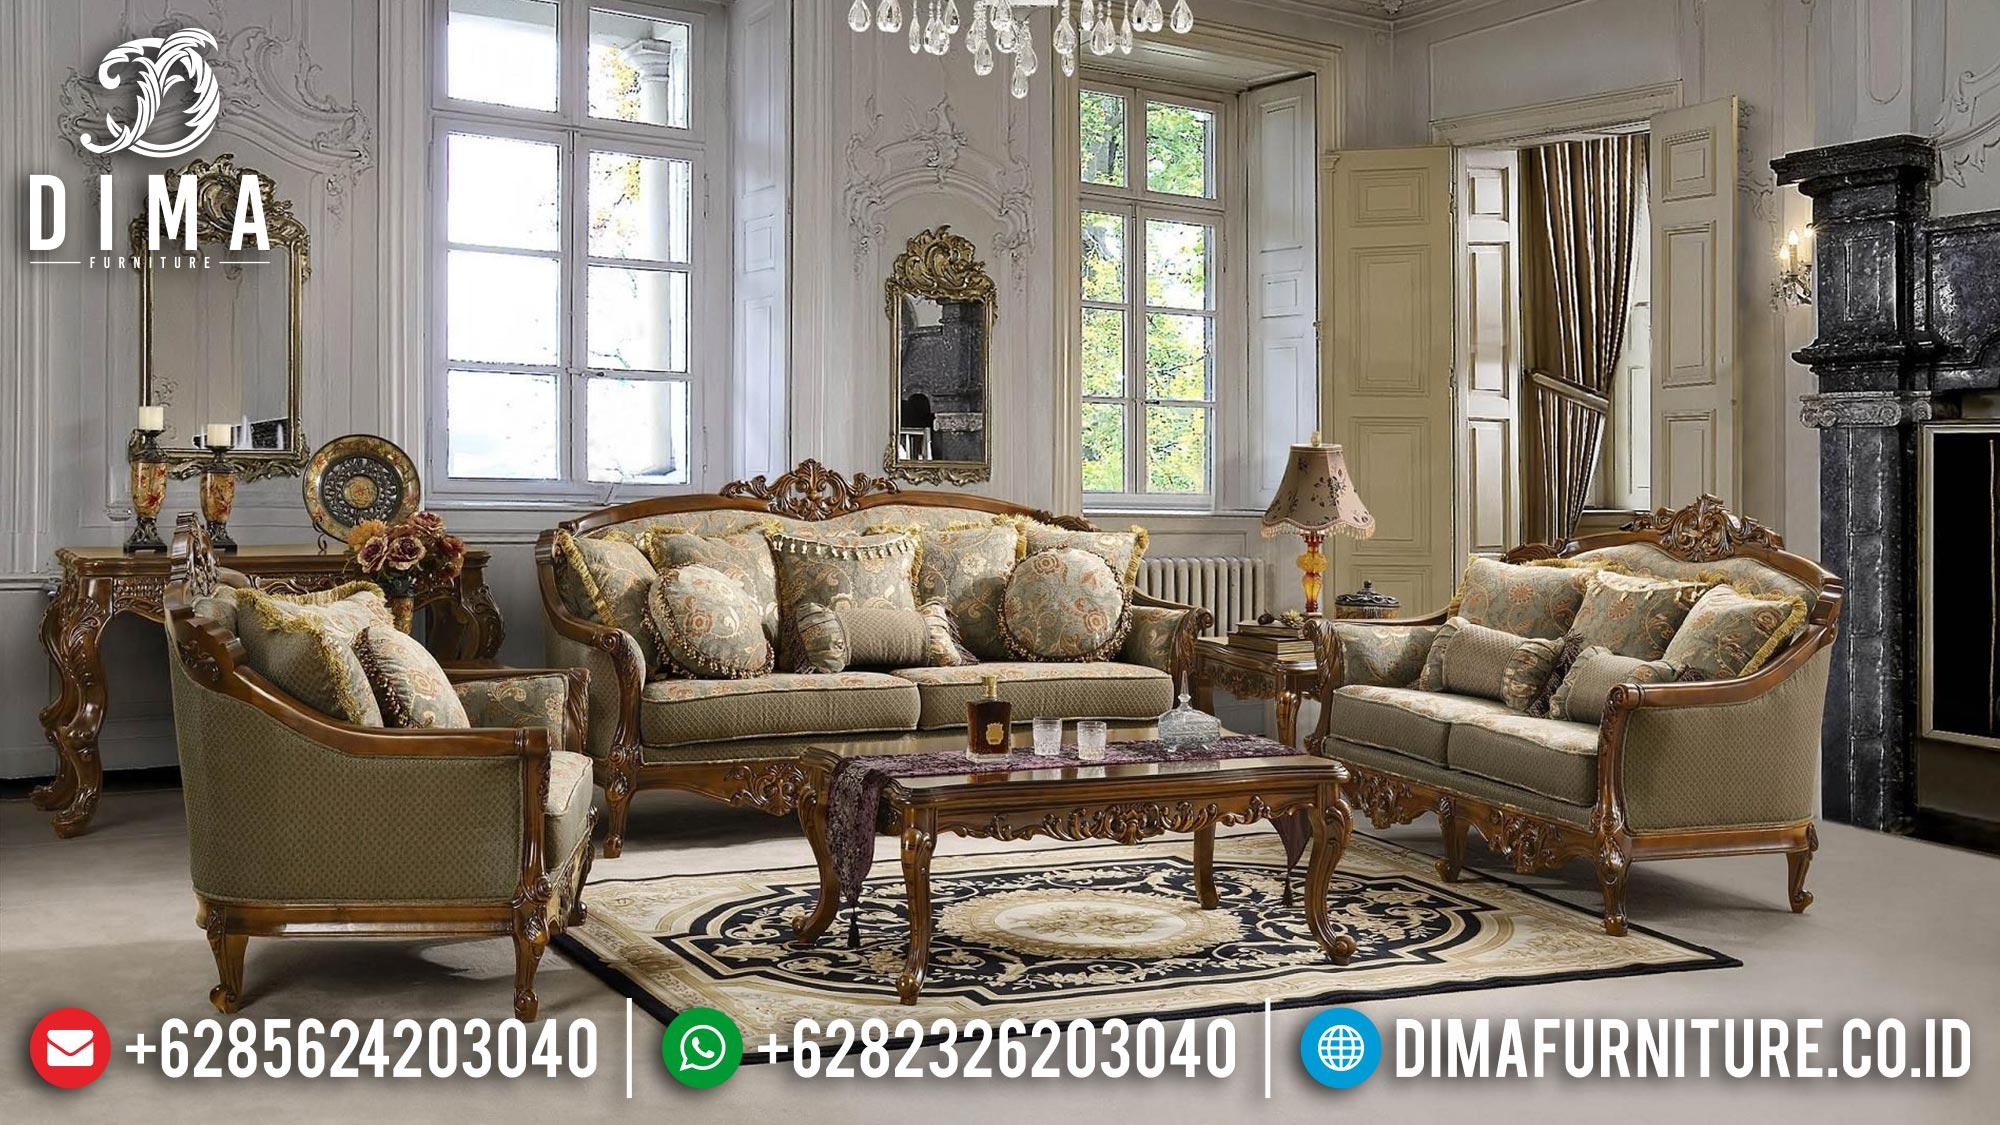 New Sofa Tamu Jepara Mewah Jati Ukir Klasik Best Guarantee DF-1506